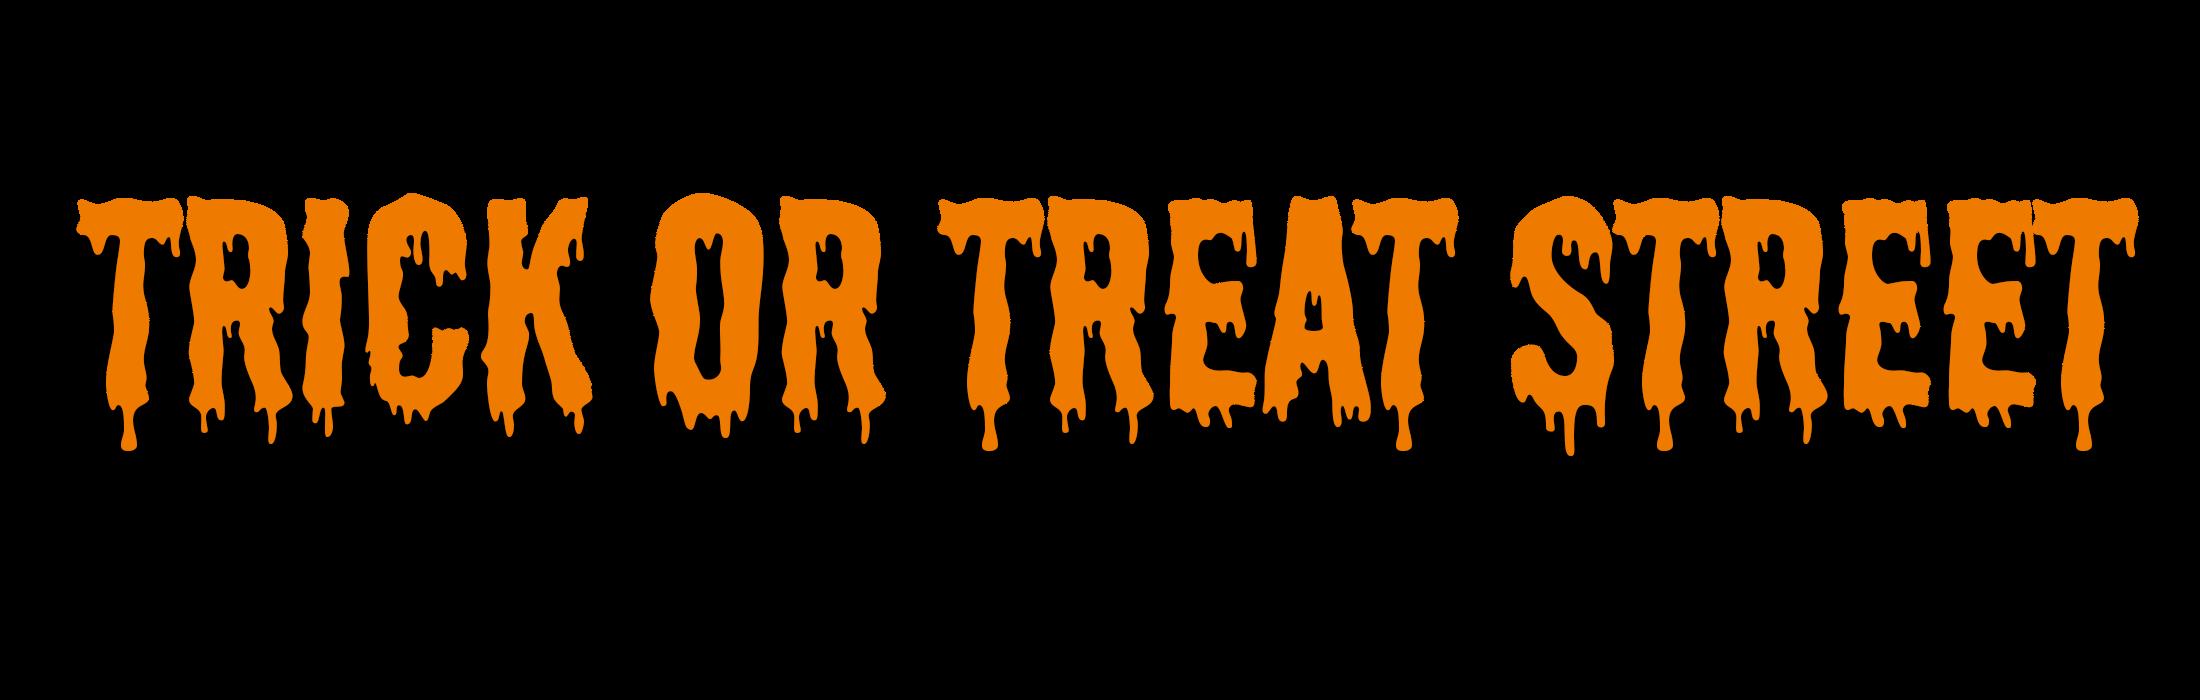 Spooky Type